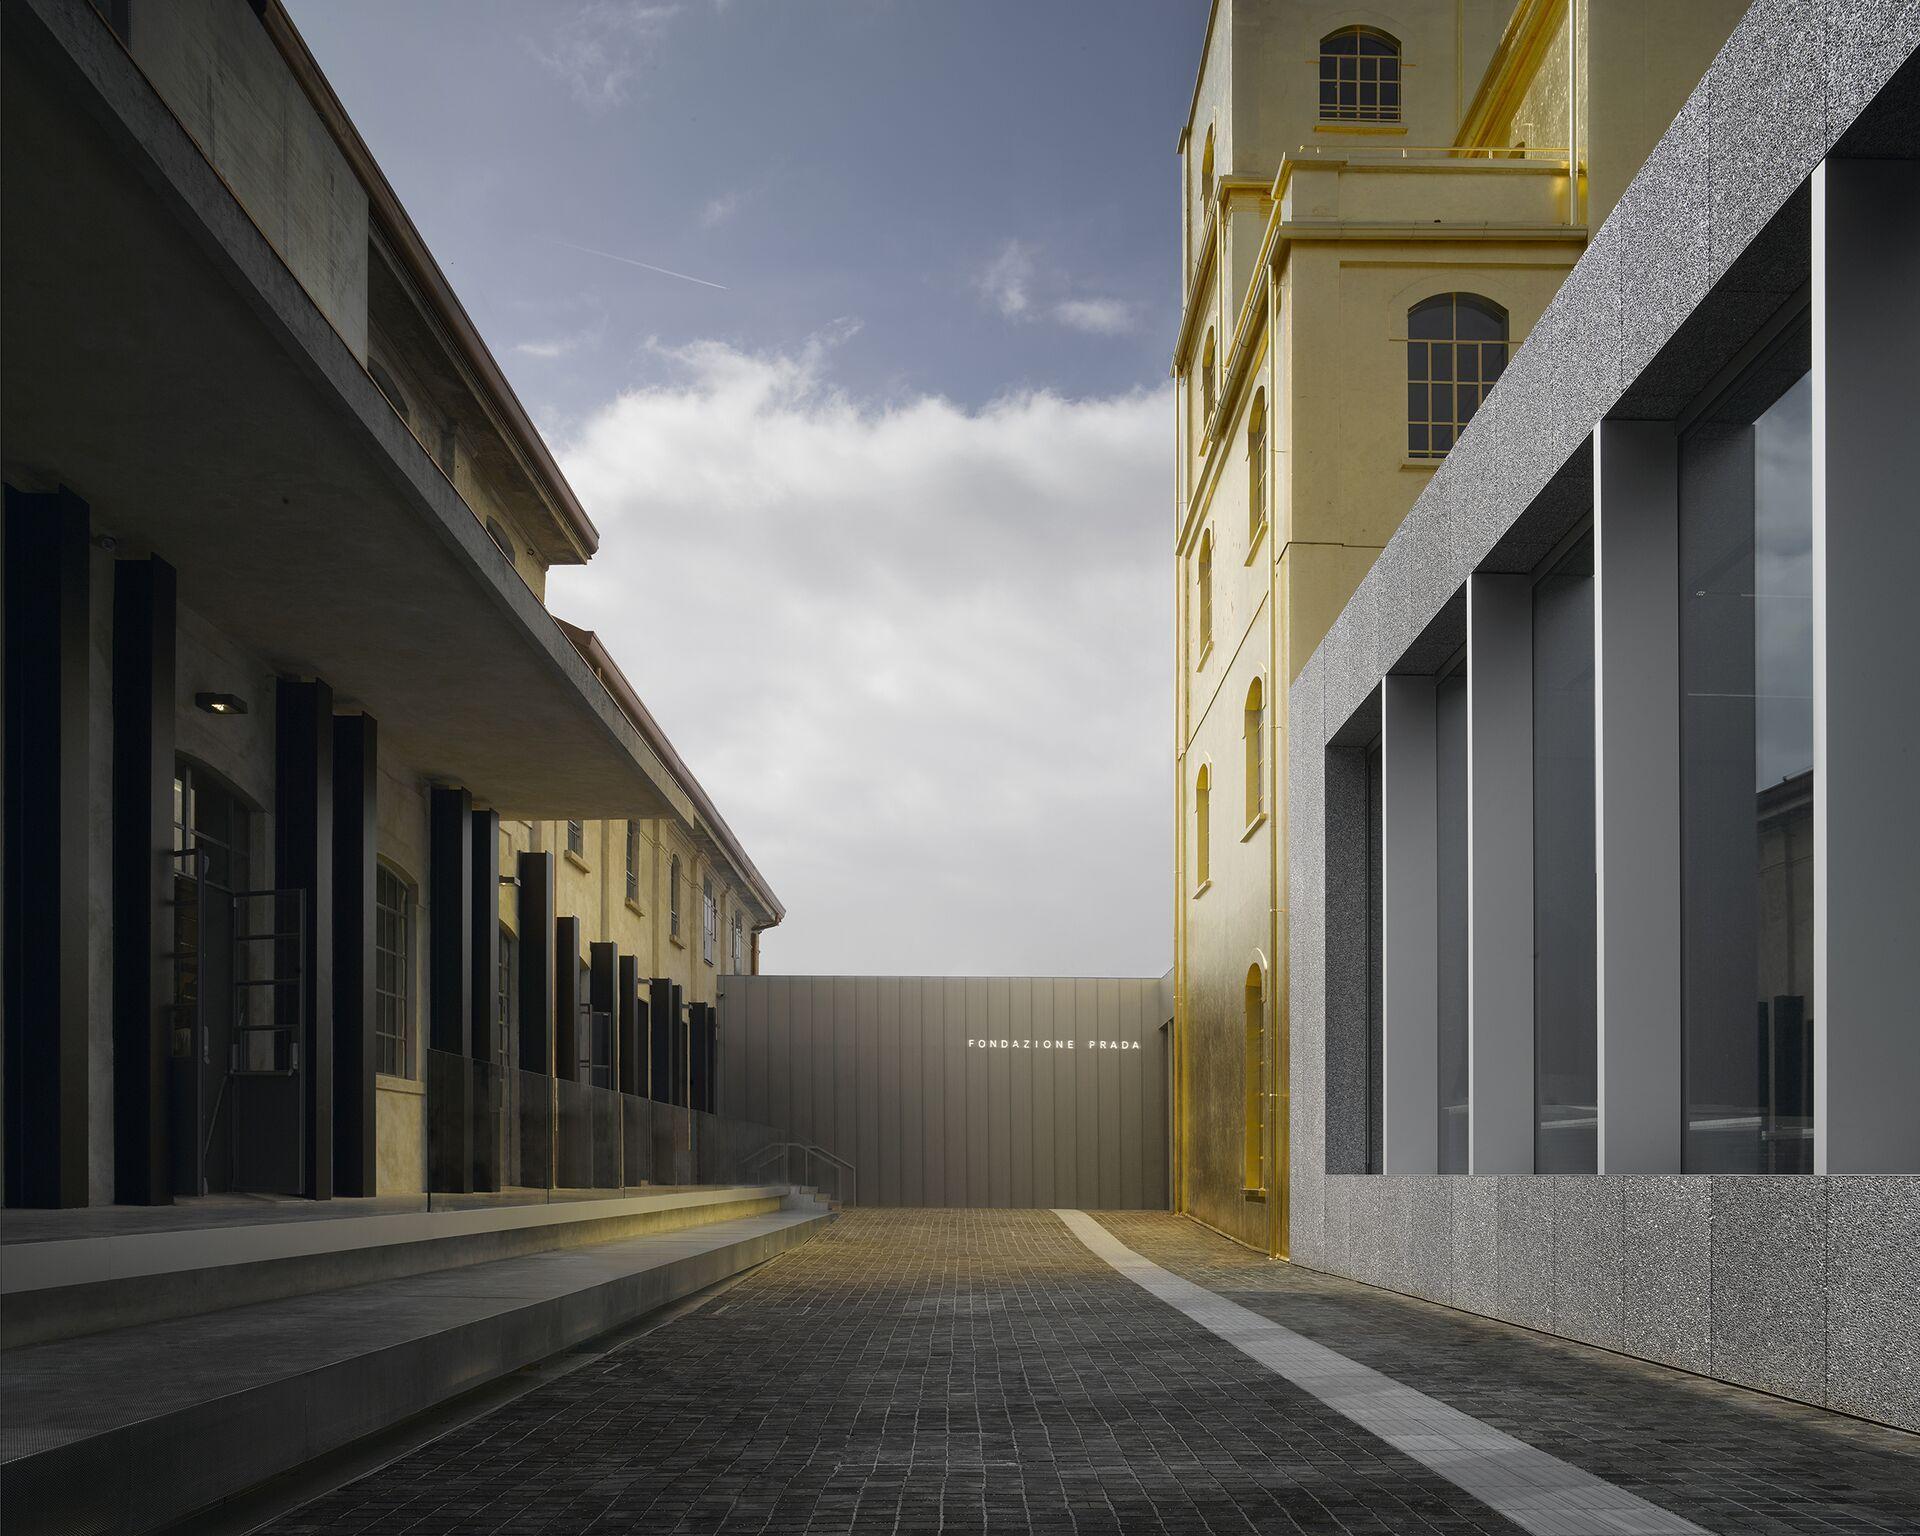 Fondazione Prada riflette sulla cultura: le iniziative online per vivere lo spazio durante la chiusura